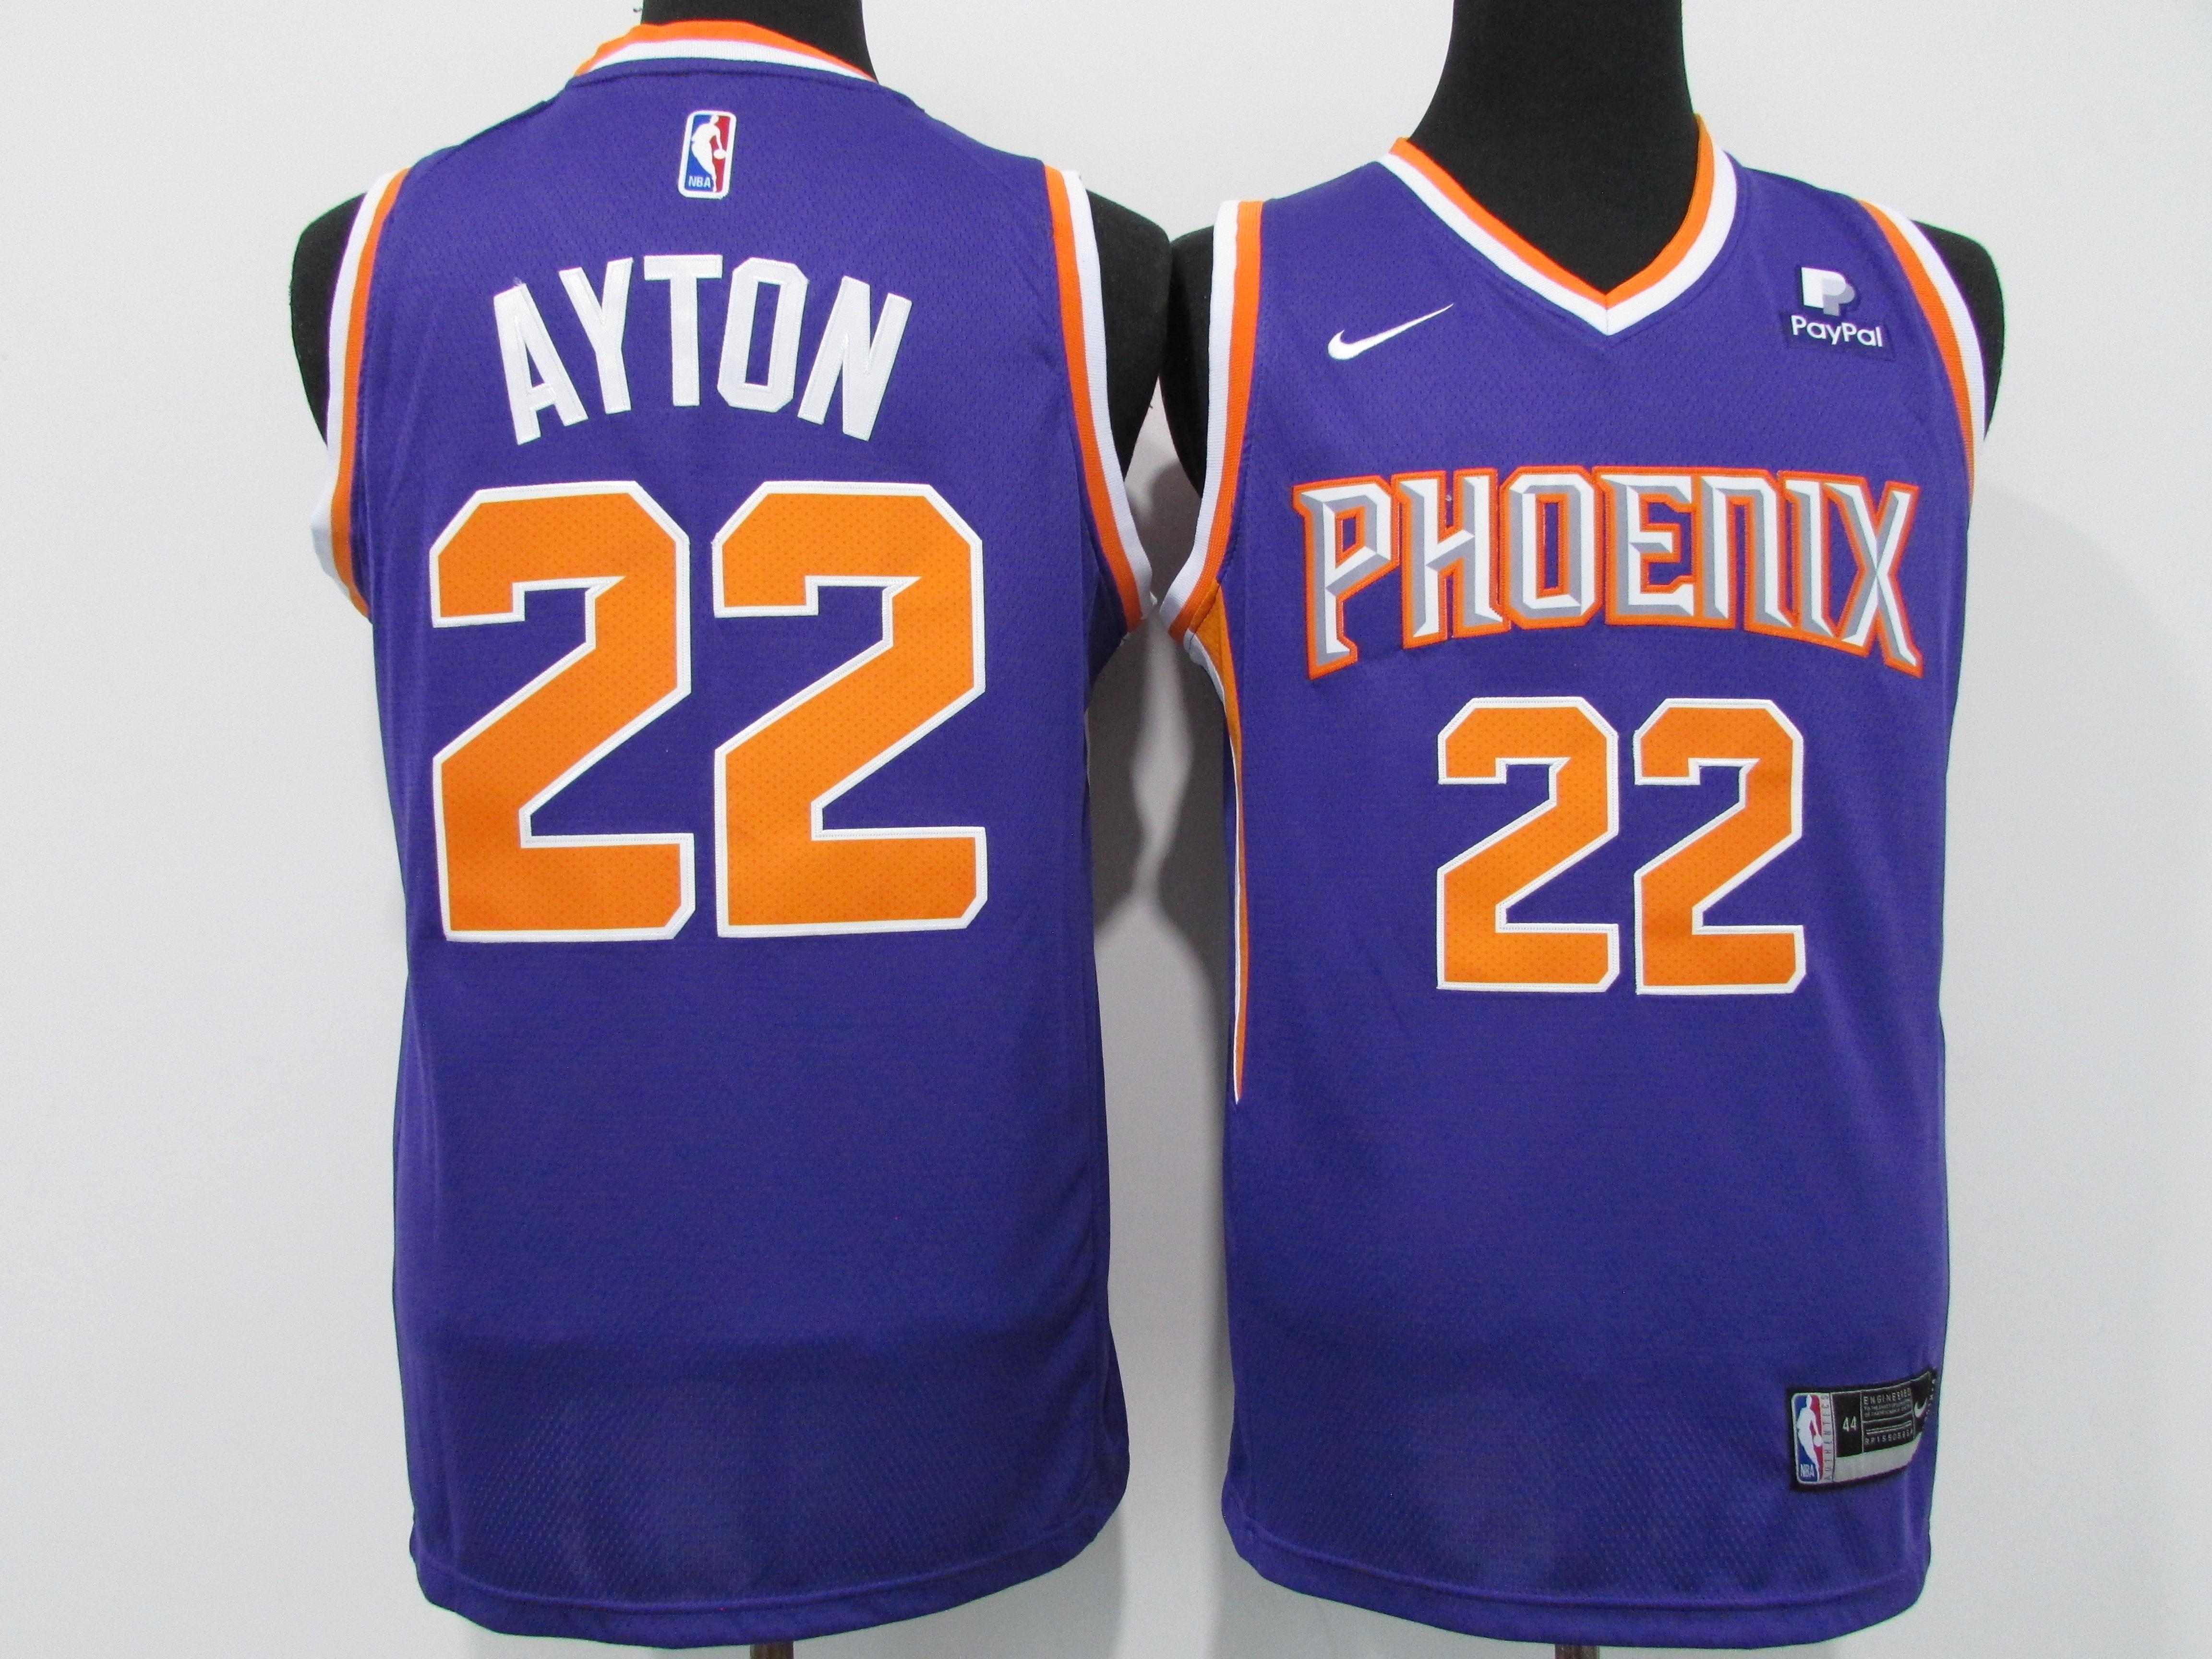 Suns 22 Deandre Ayton Purple Nike 2021 City Edition Swingman Jersey